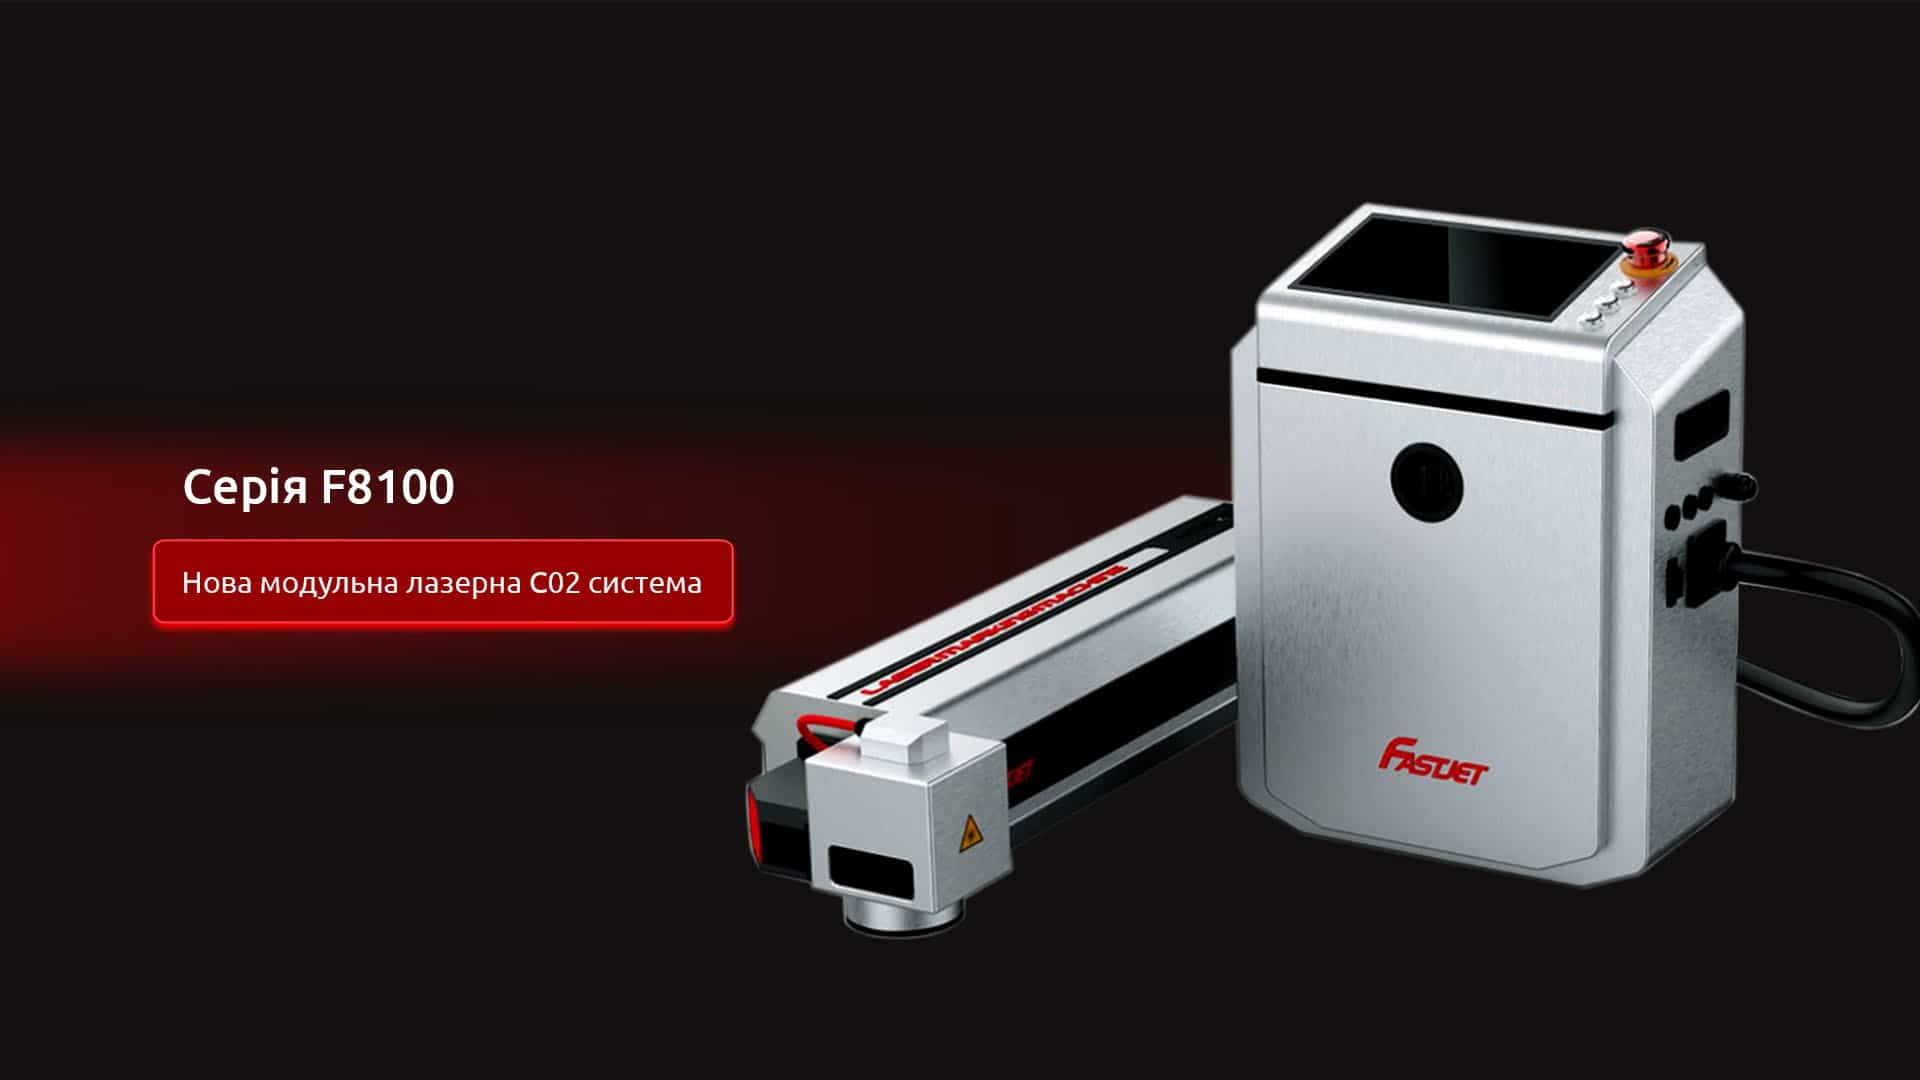 Лазерний маркувальник Fastjet F8100